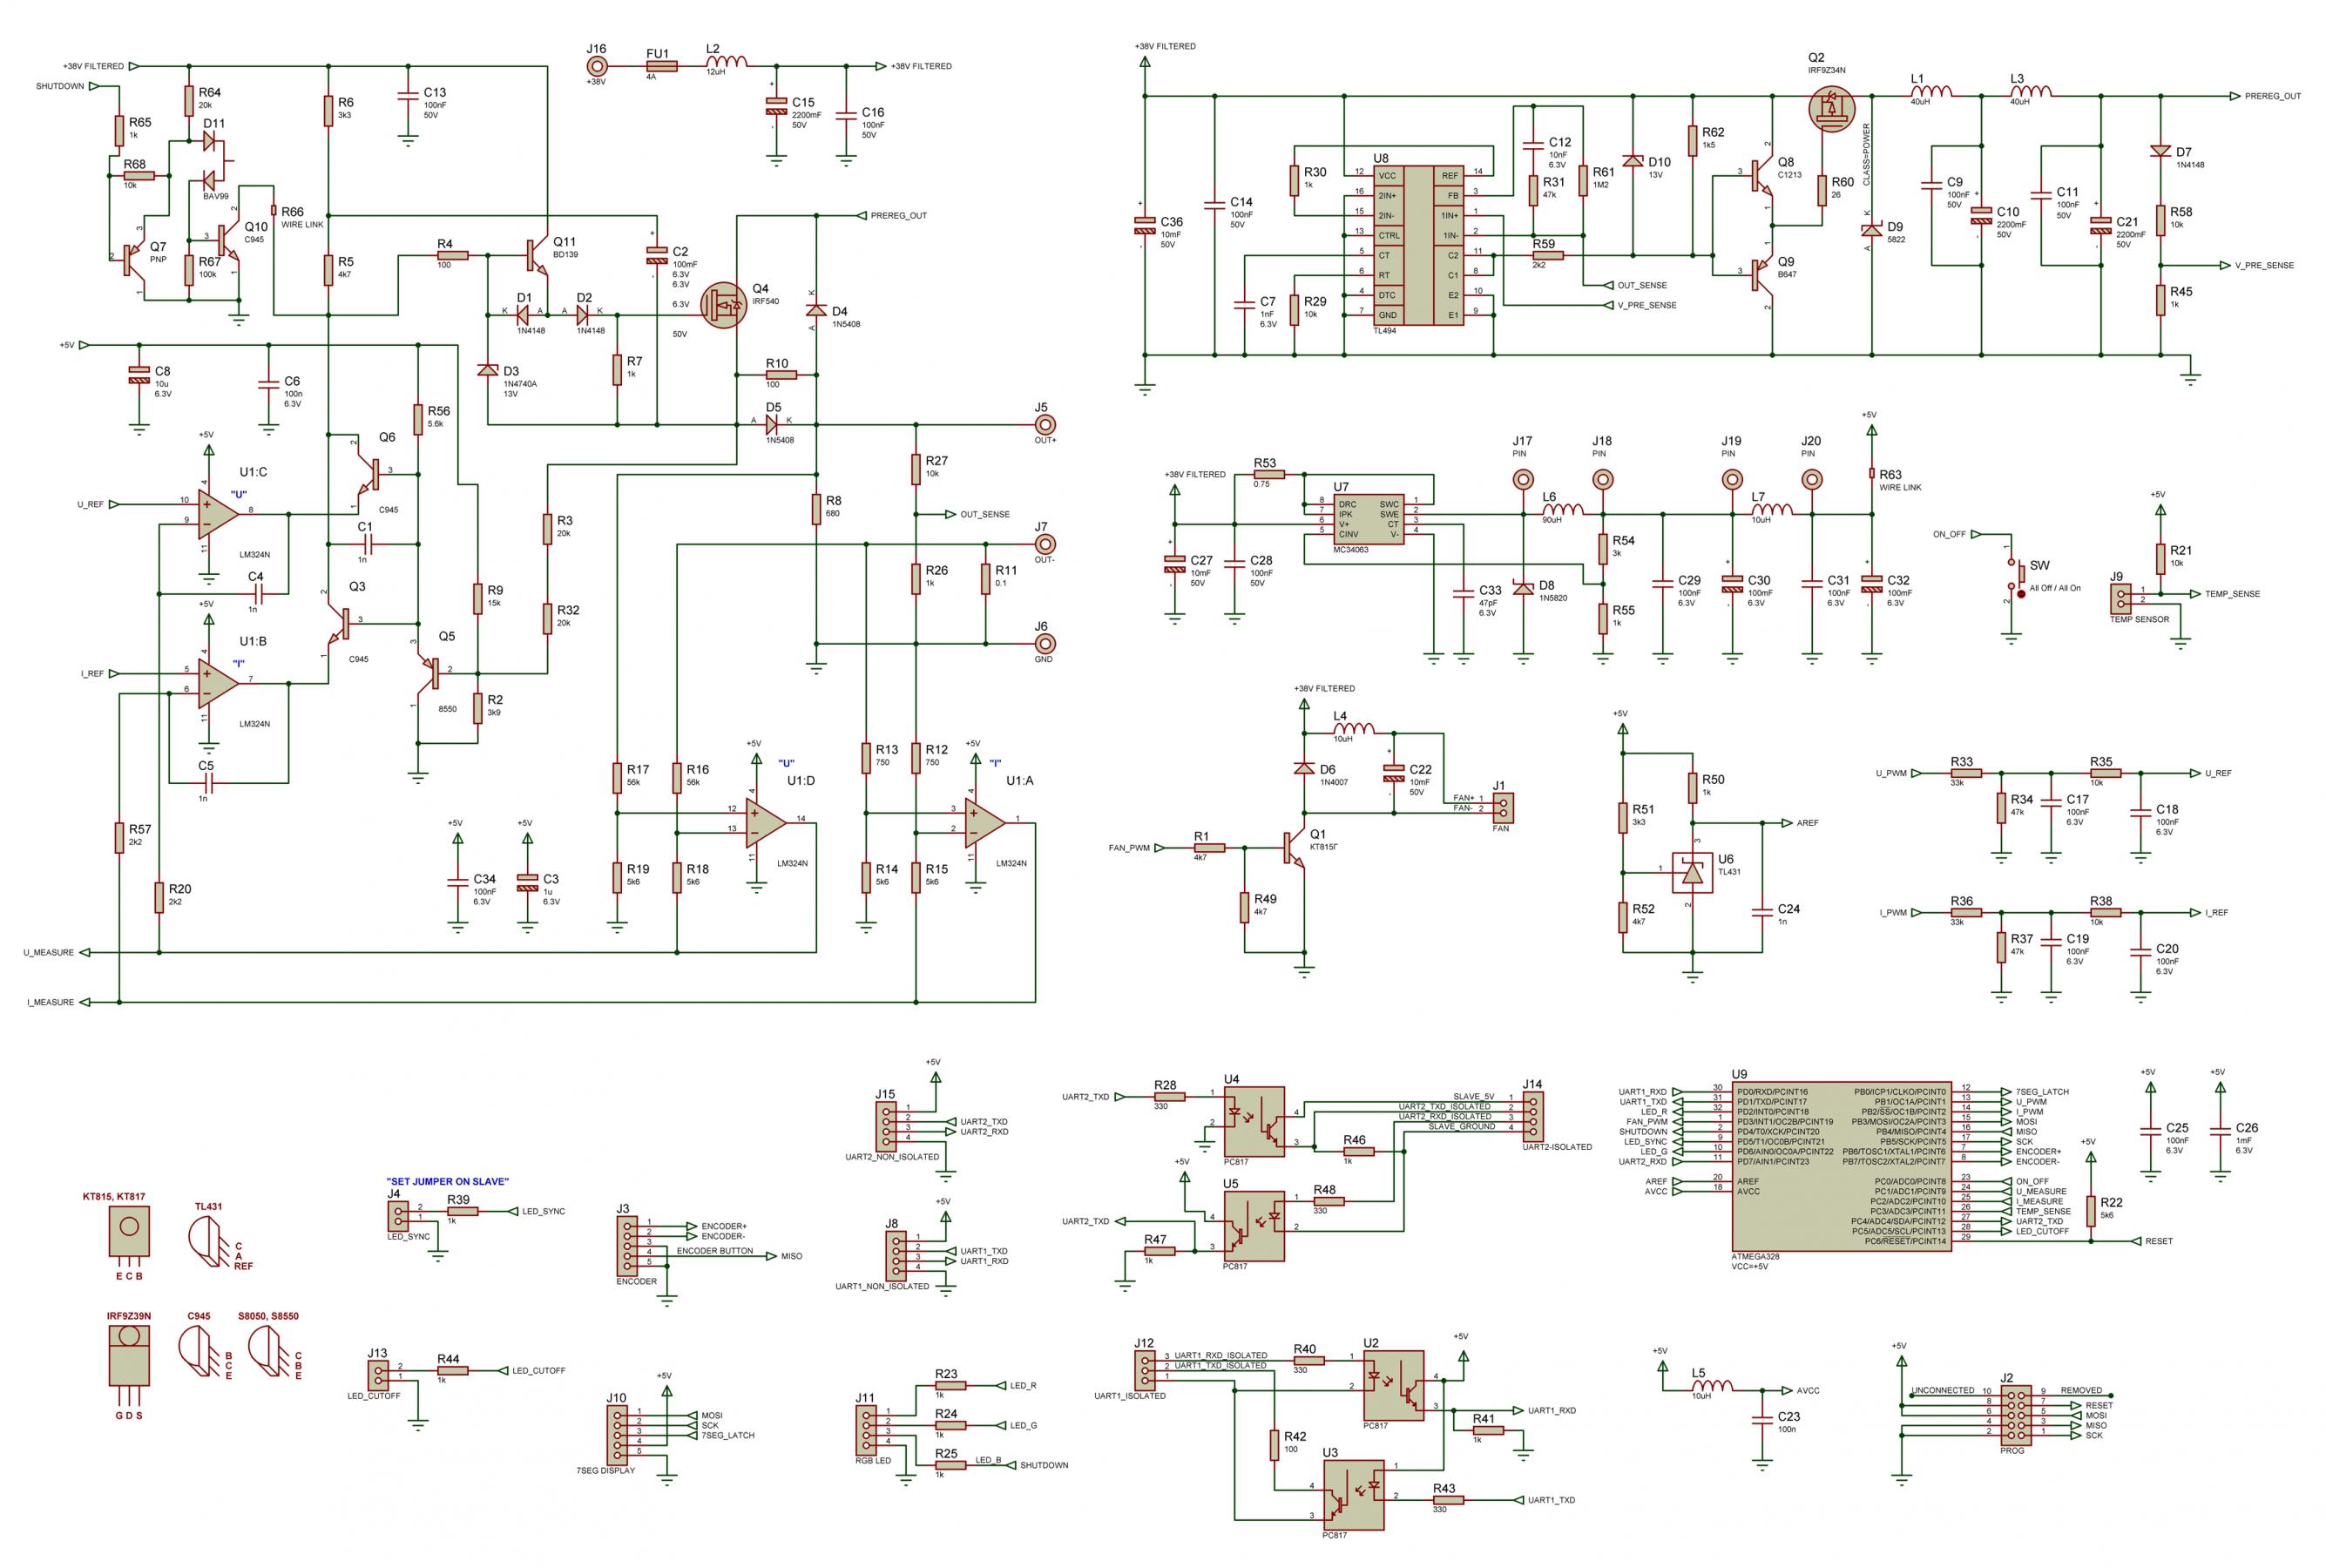 схема включения микросхемы шим-контроллера atx 2005